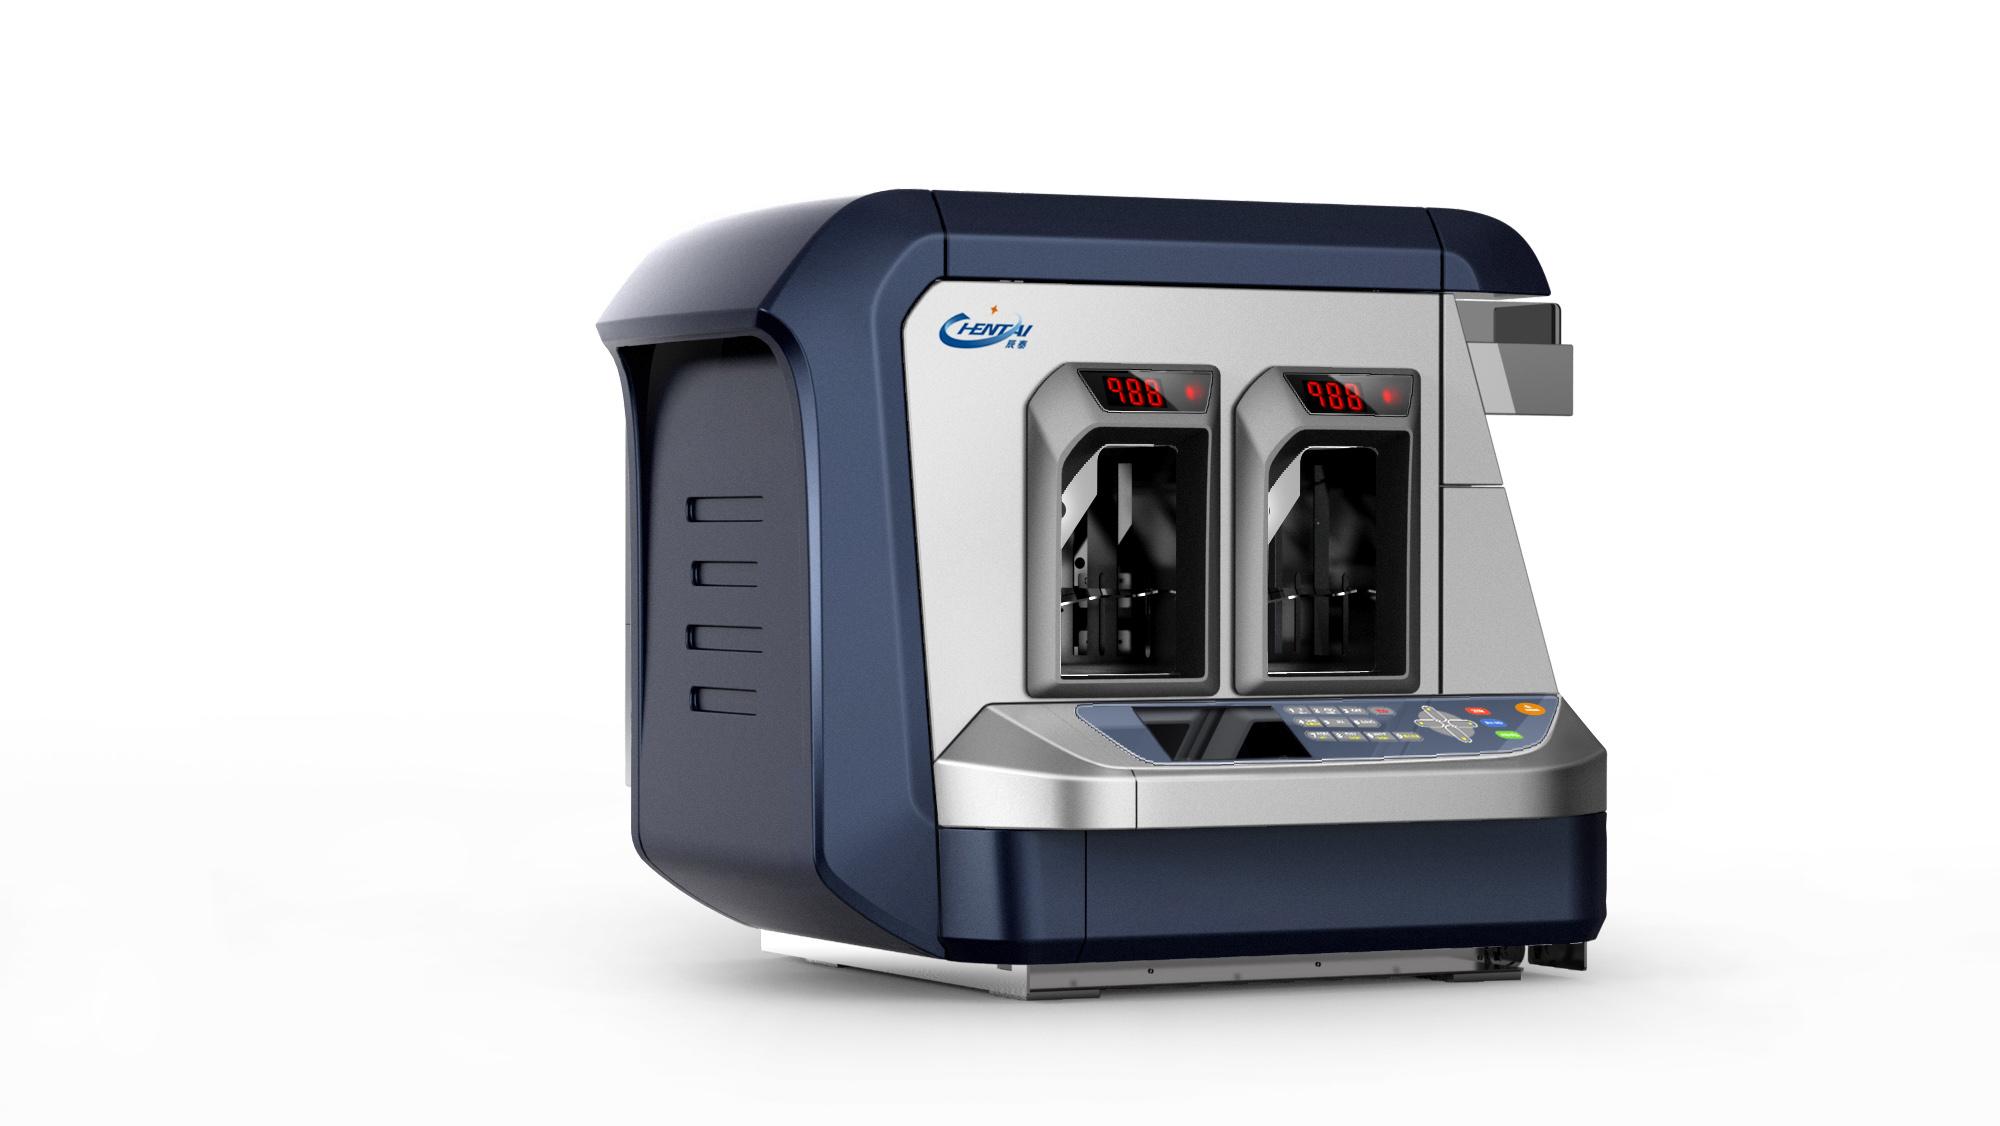 纸币清分机两口机_产品设计-来设计